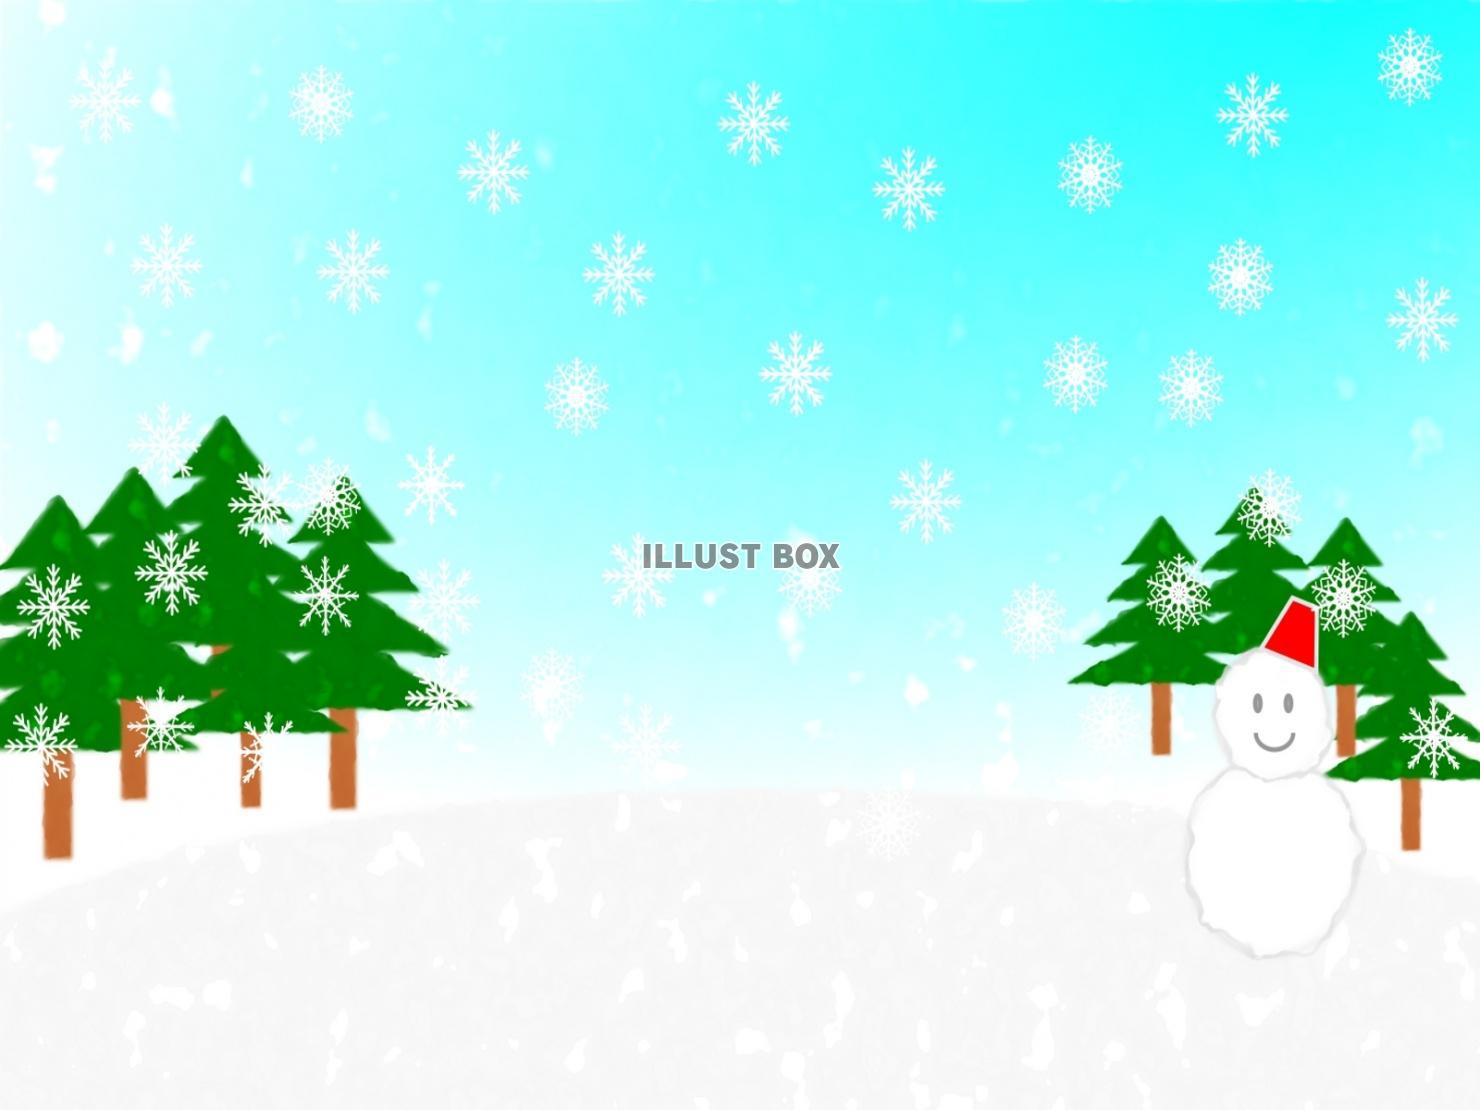 無料イラスト 冬 雪 風景背景素材